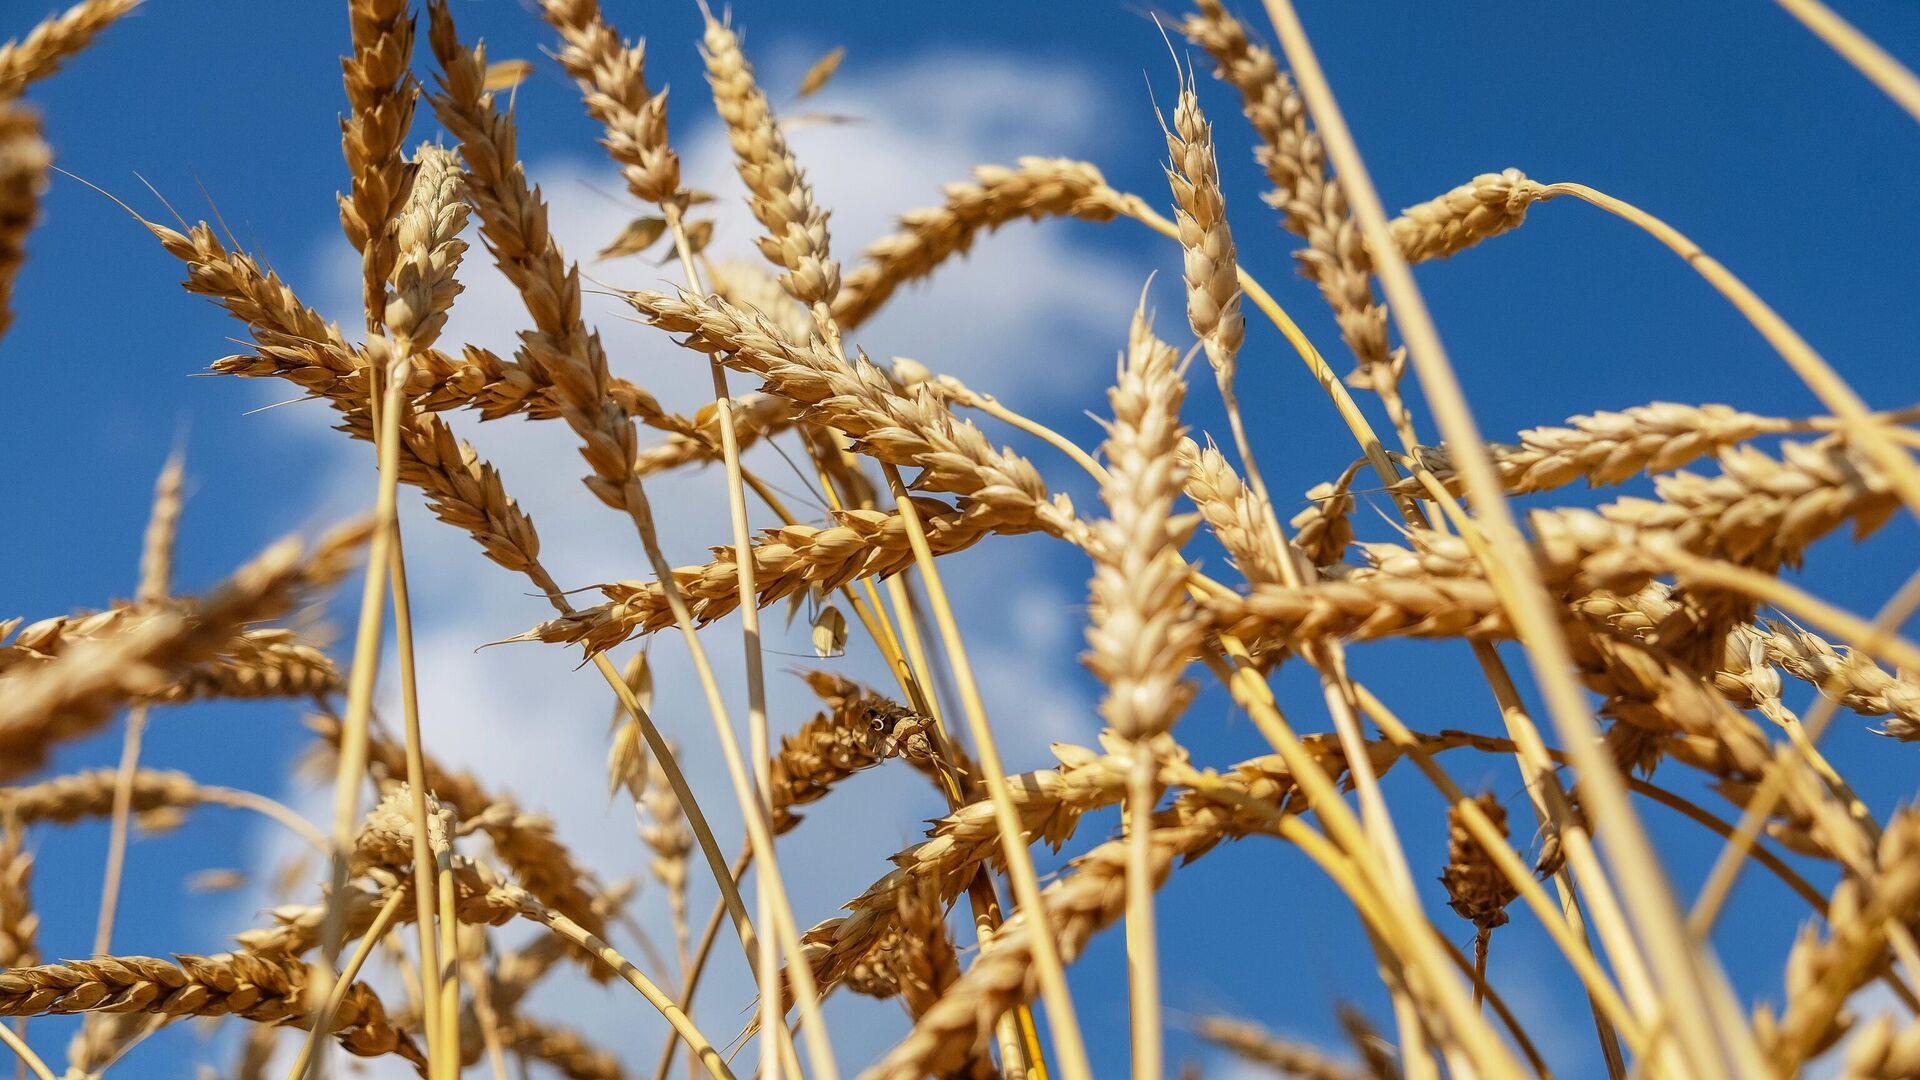 Пшеничное поле - РИА Новости, 1920, 01.03.2021